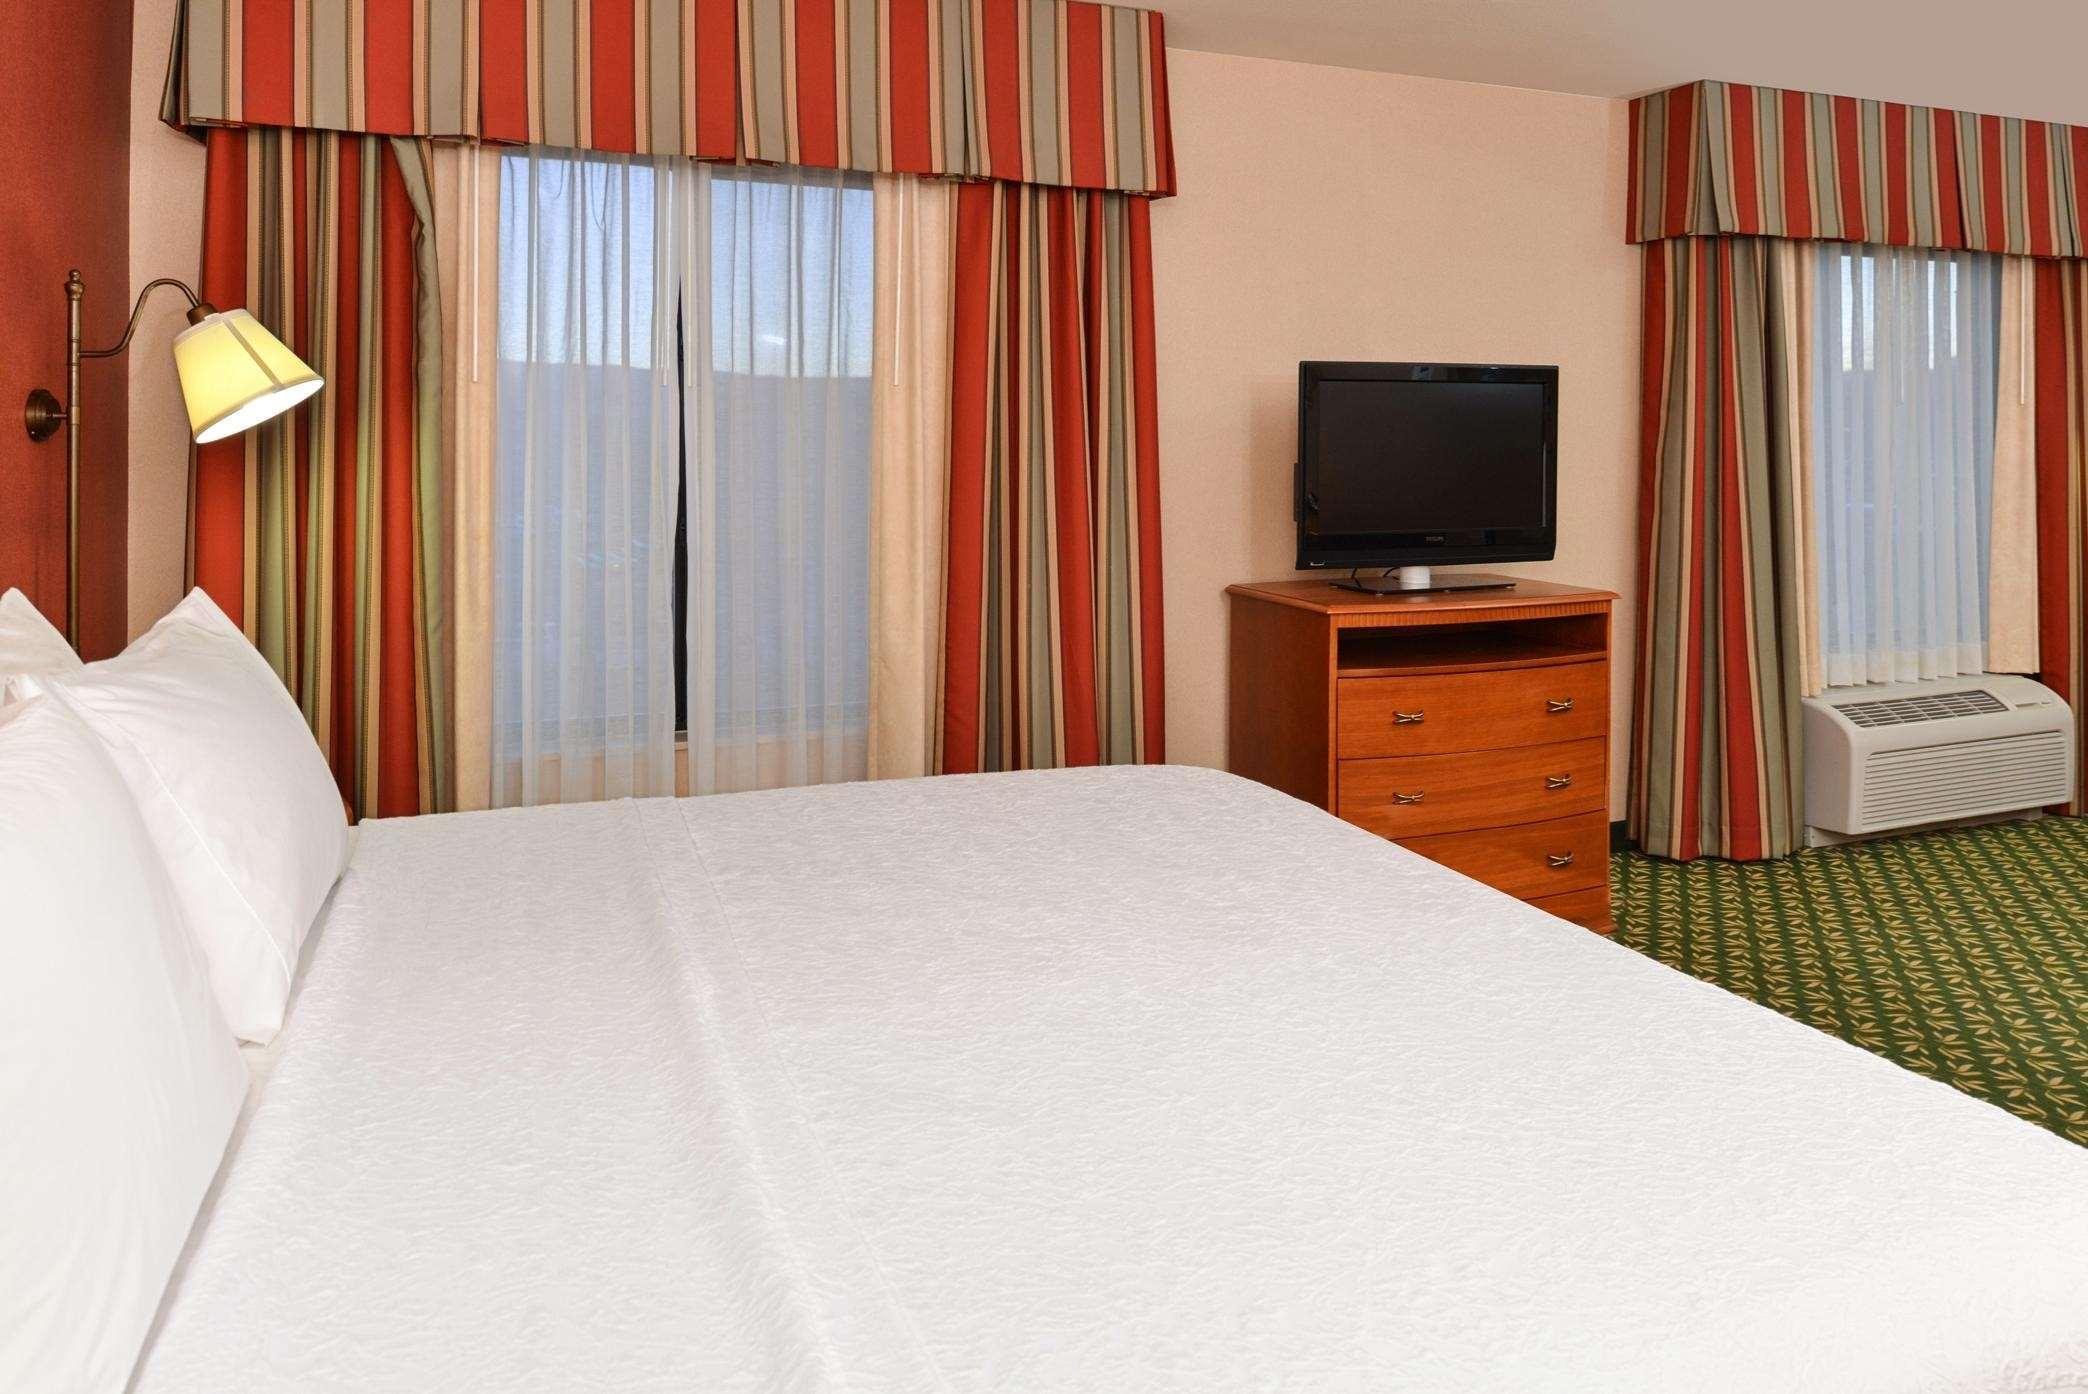 Hampton Inn & Suites Casper image 11